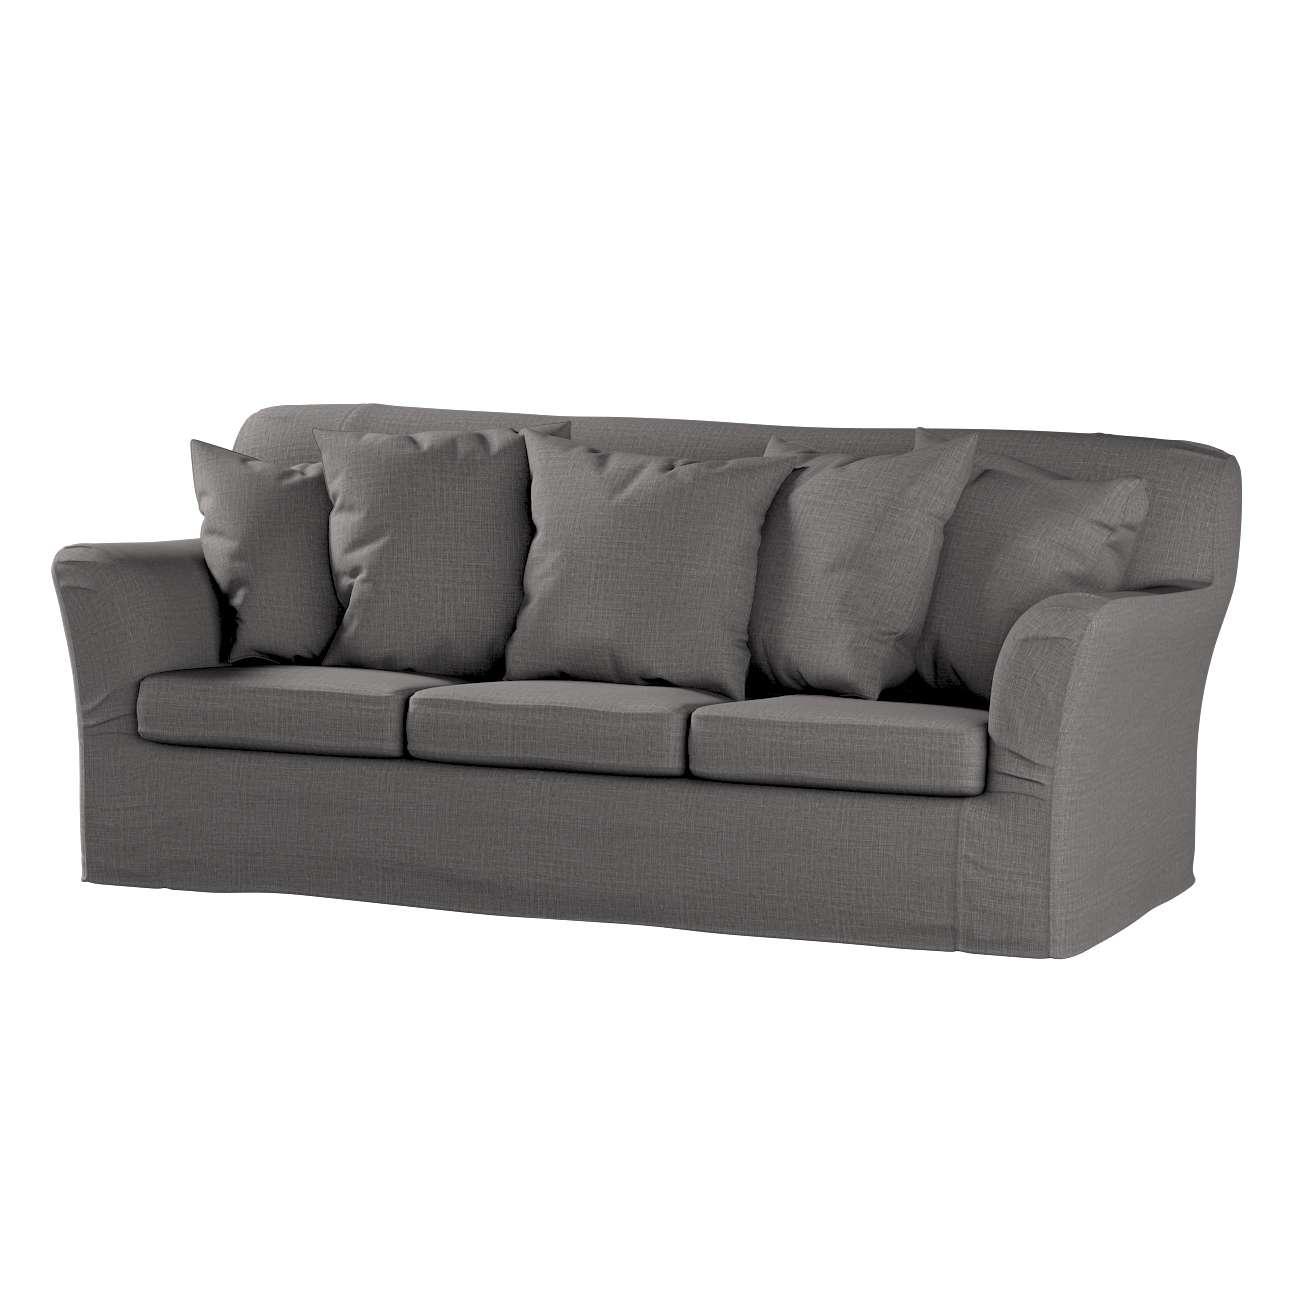 Potah na pohovku IKEA  Tomelilla 3-místná nerozkládací